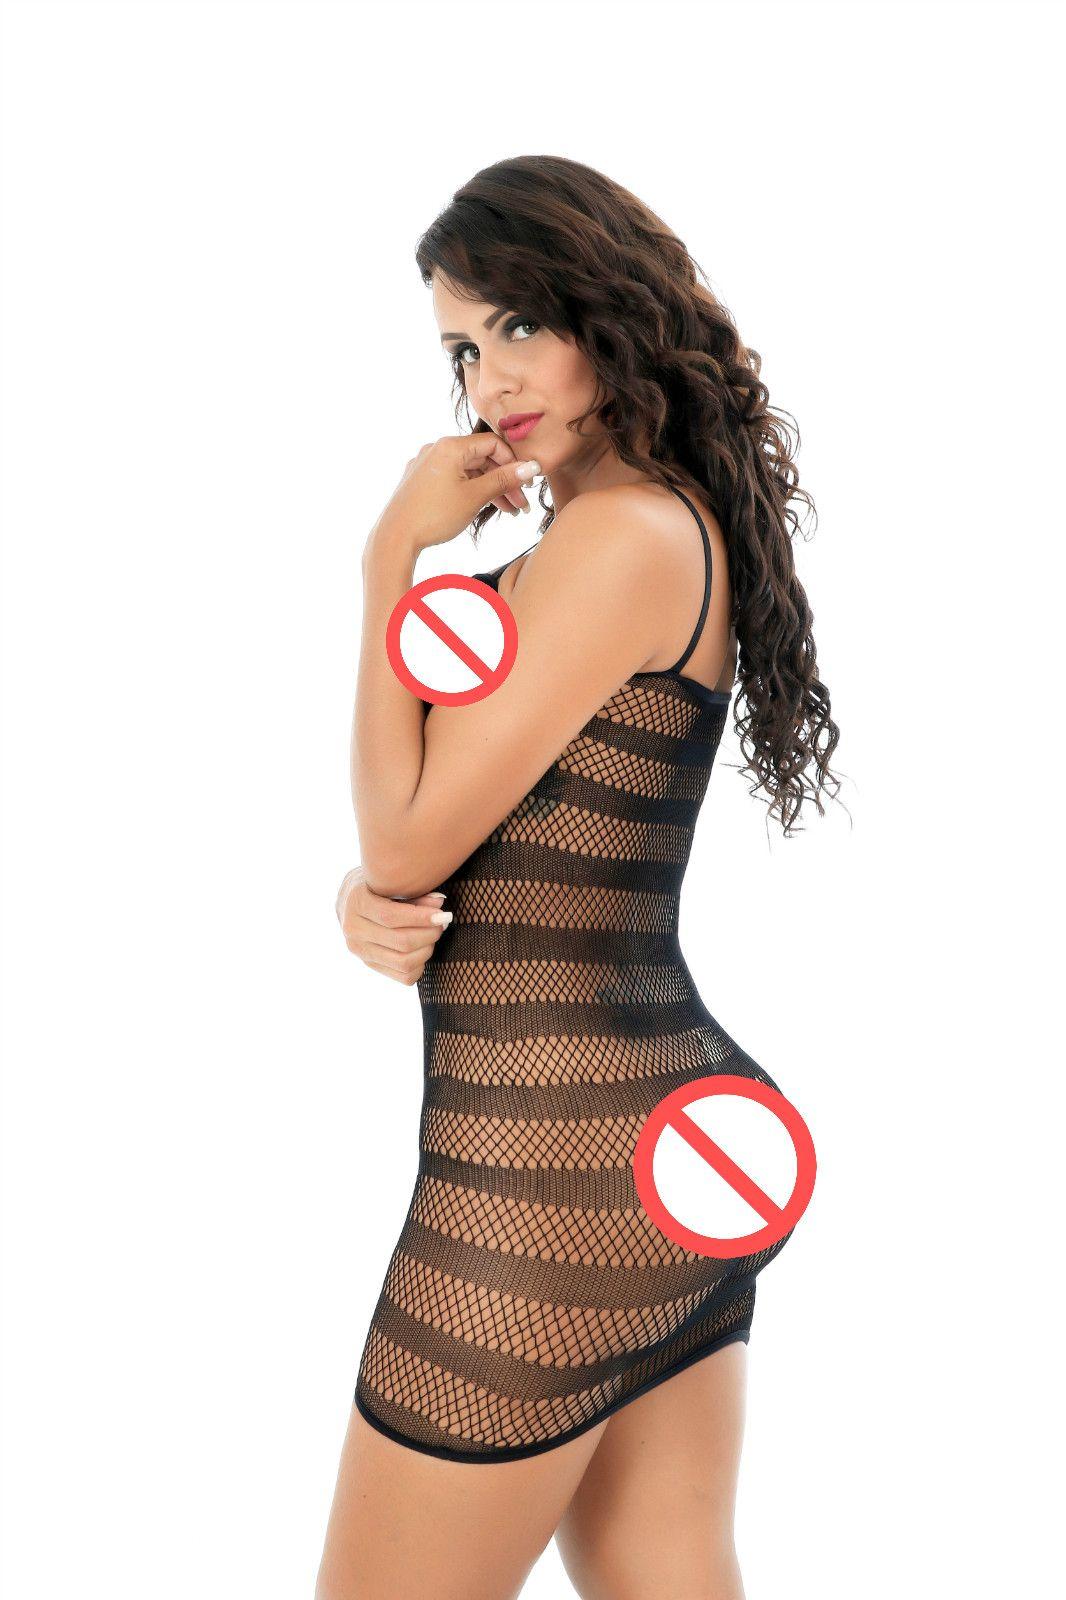 Kadın File İç Çizgili Mini Elbise Askı Chemise Kadın Kadın Erotik Porno Seksi İç File Sorunsuz Kasık Mini Elbise